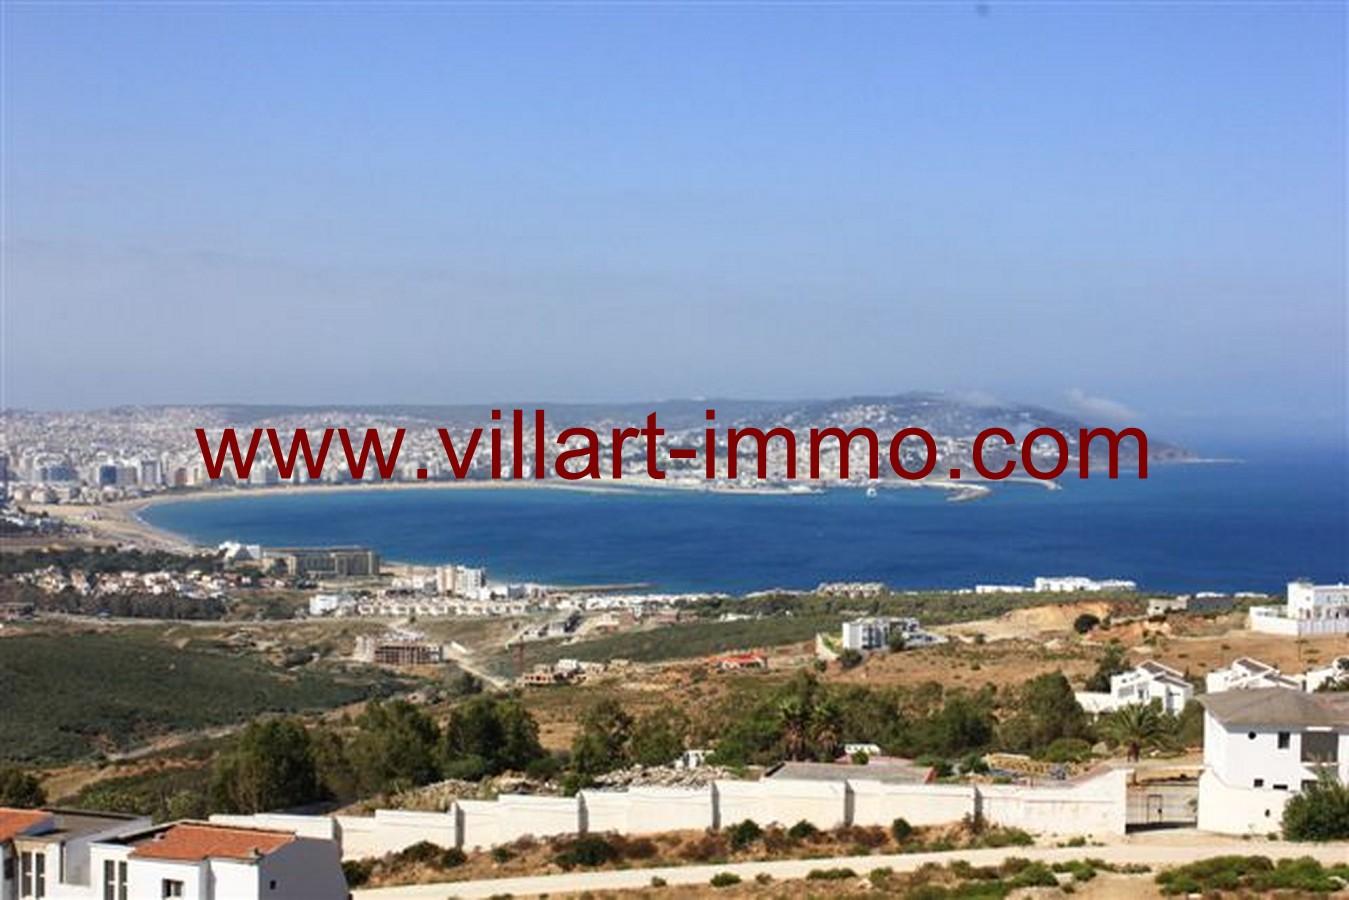 16-Vente-Villa-tanger-Malabata-MIR-1-Villart Immo